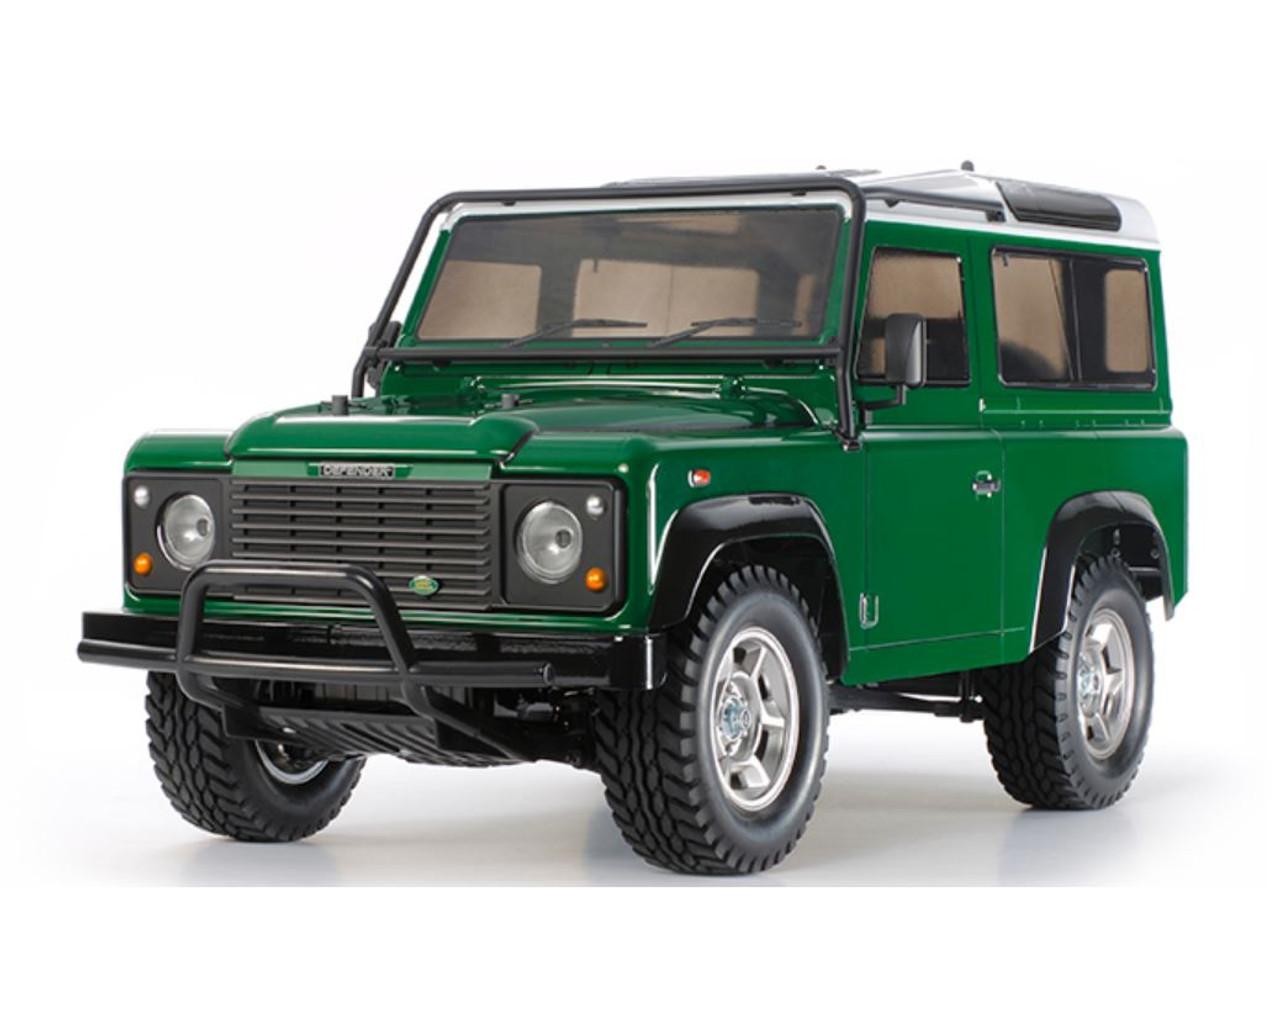 Tamiya 1/10 CC-01 Land Rover Defender 90 RC Car Kit